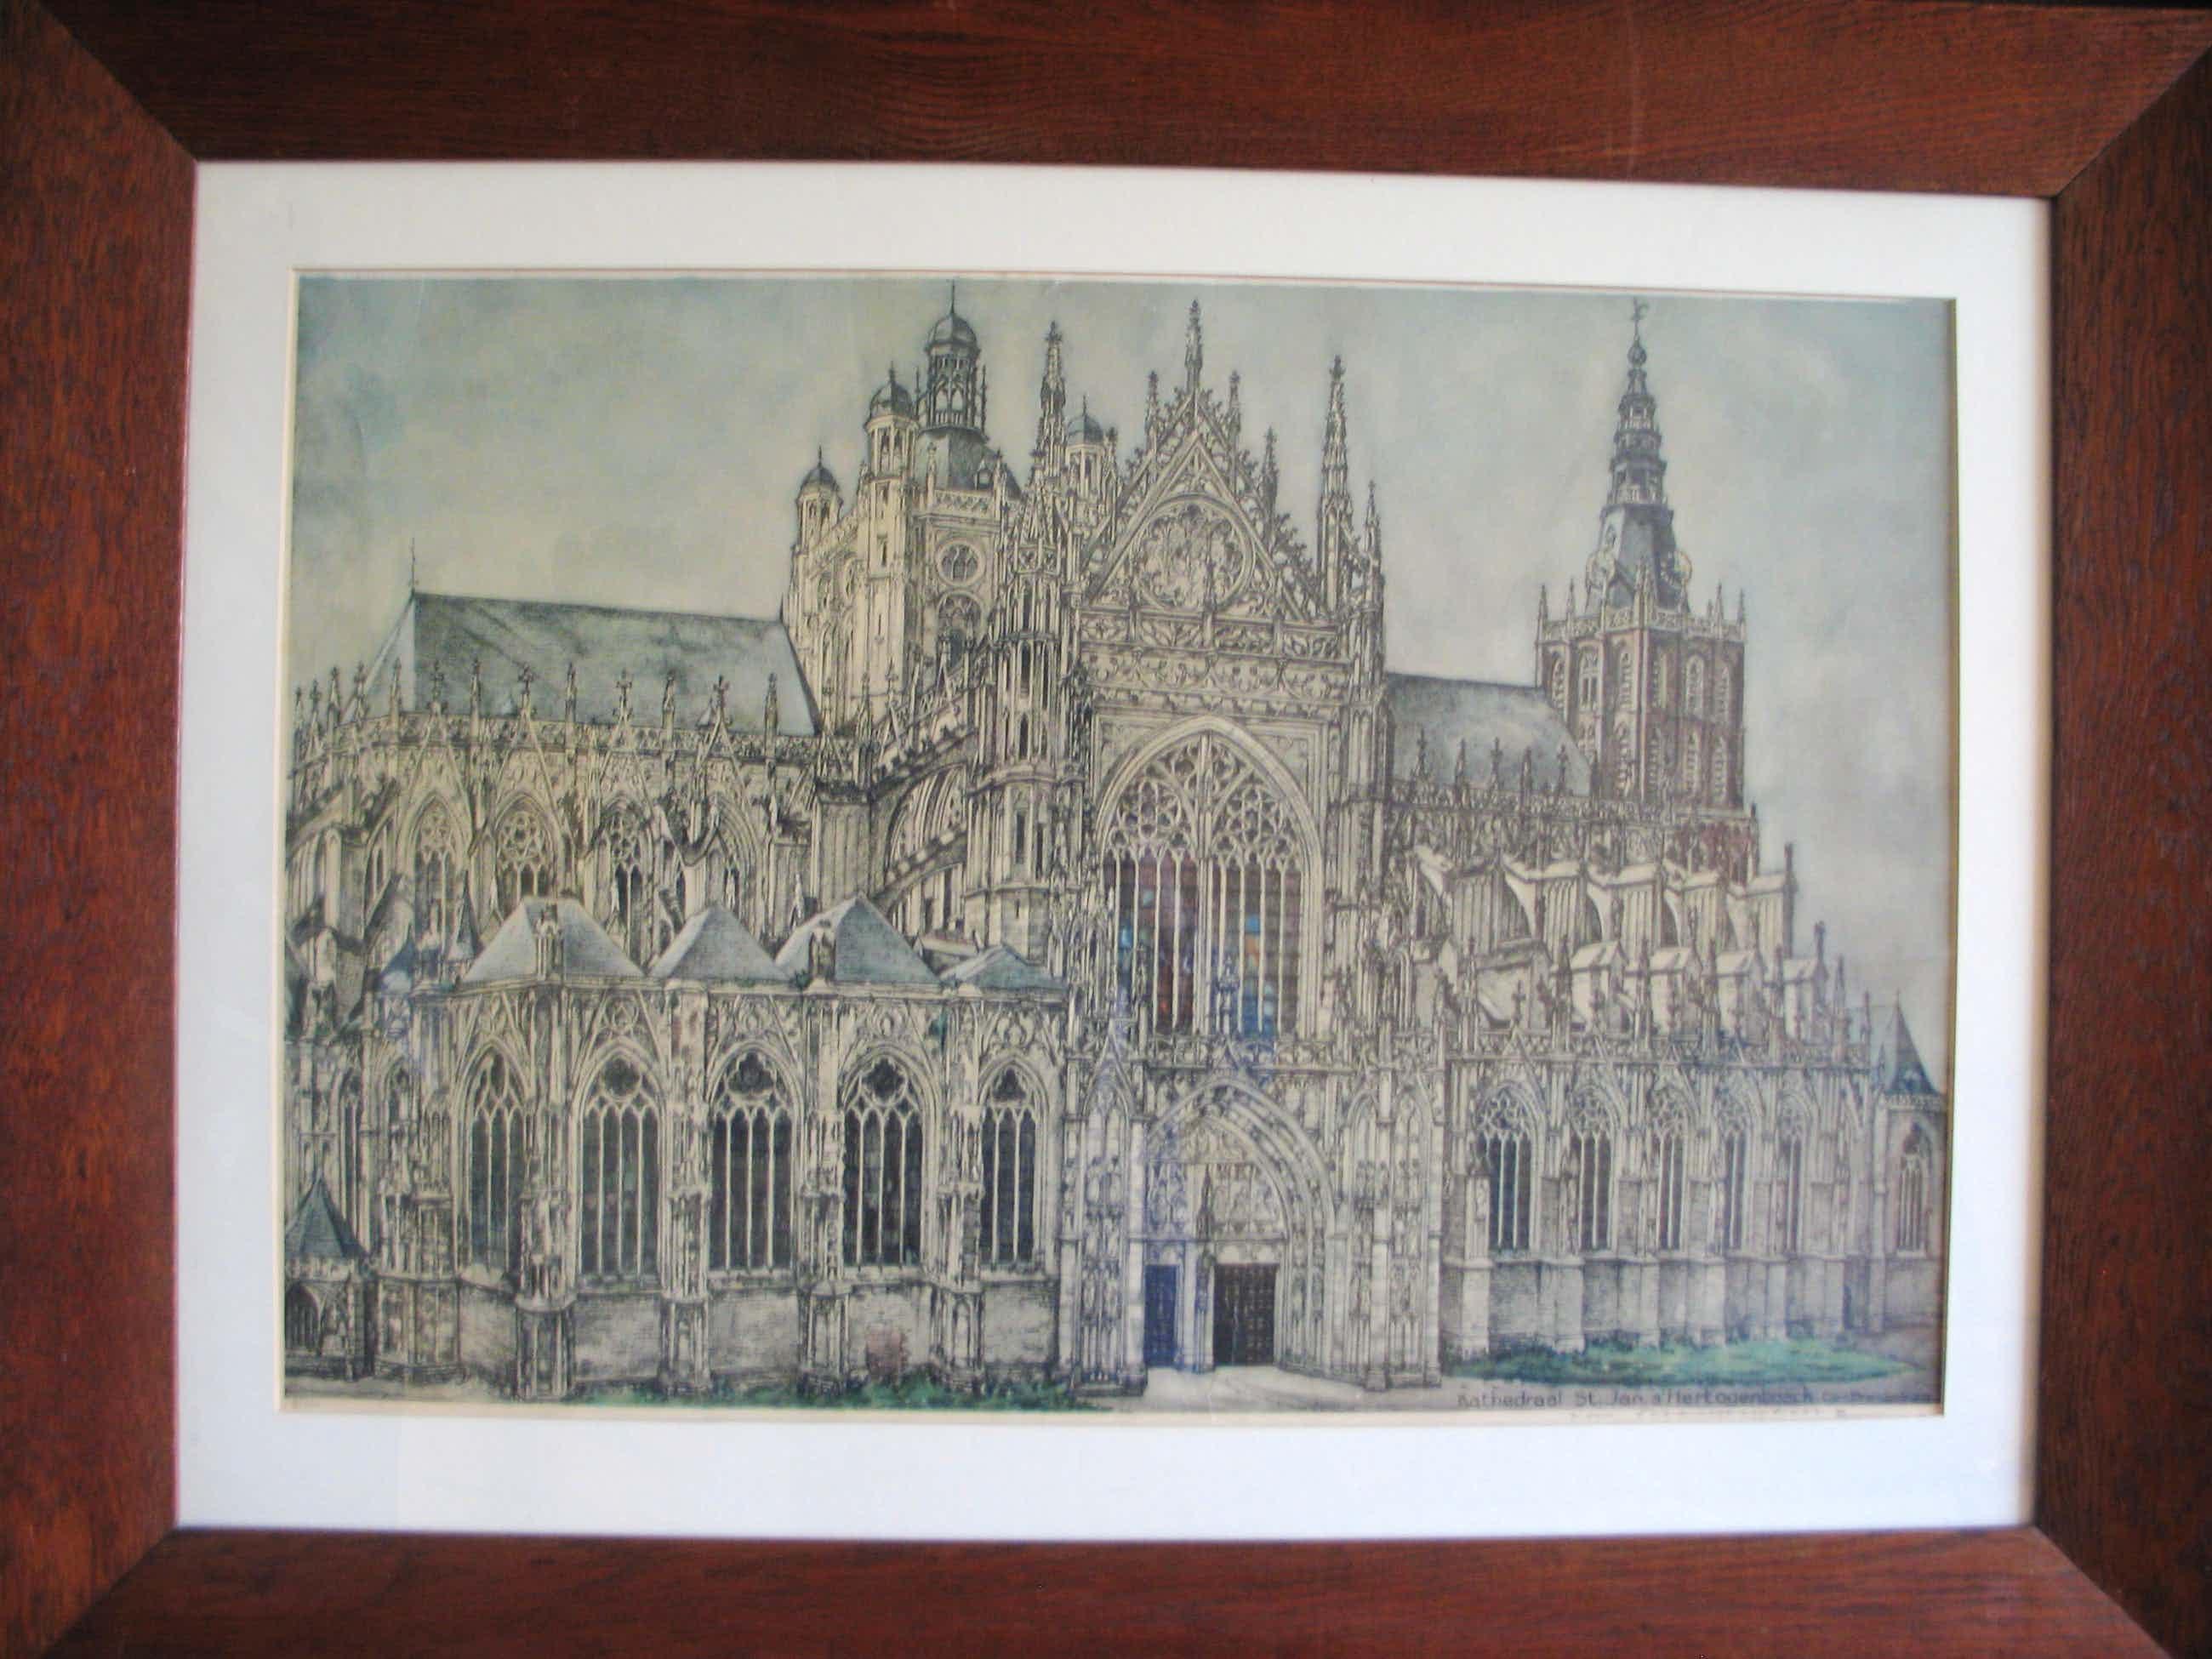 Cornelis Brandenburg - Kleurenlithografie van de Kathedraal Sint Jan in Den Bosch kopen? Bied vanaf 35!